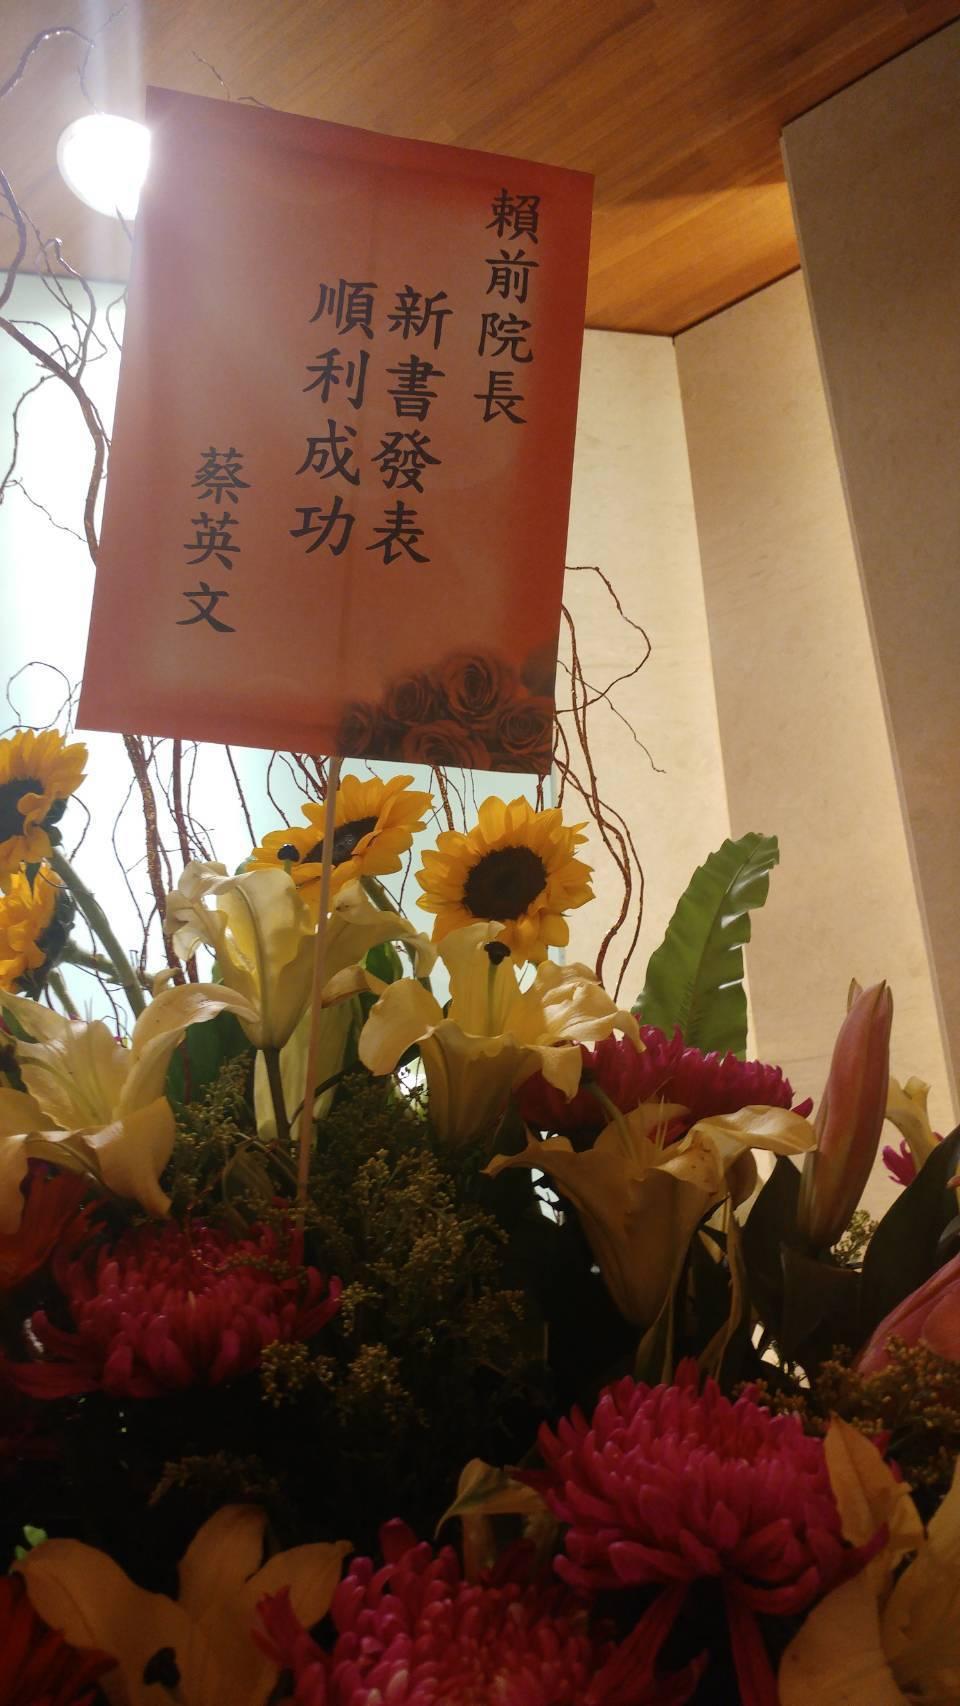 行政院前院長賴清德出席自己的新書發表會,蔡總統致贈花籃祝賀。記者林敬殷/攝影。